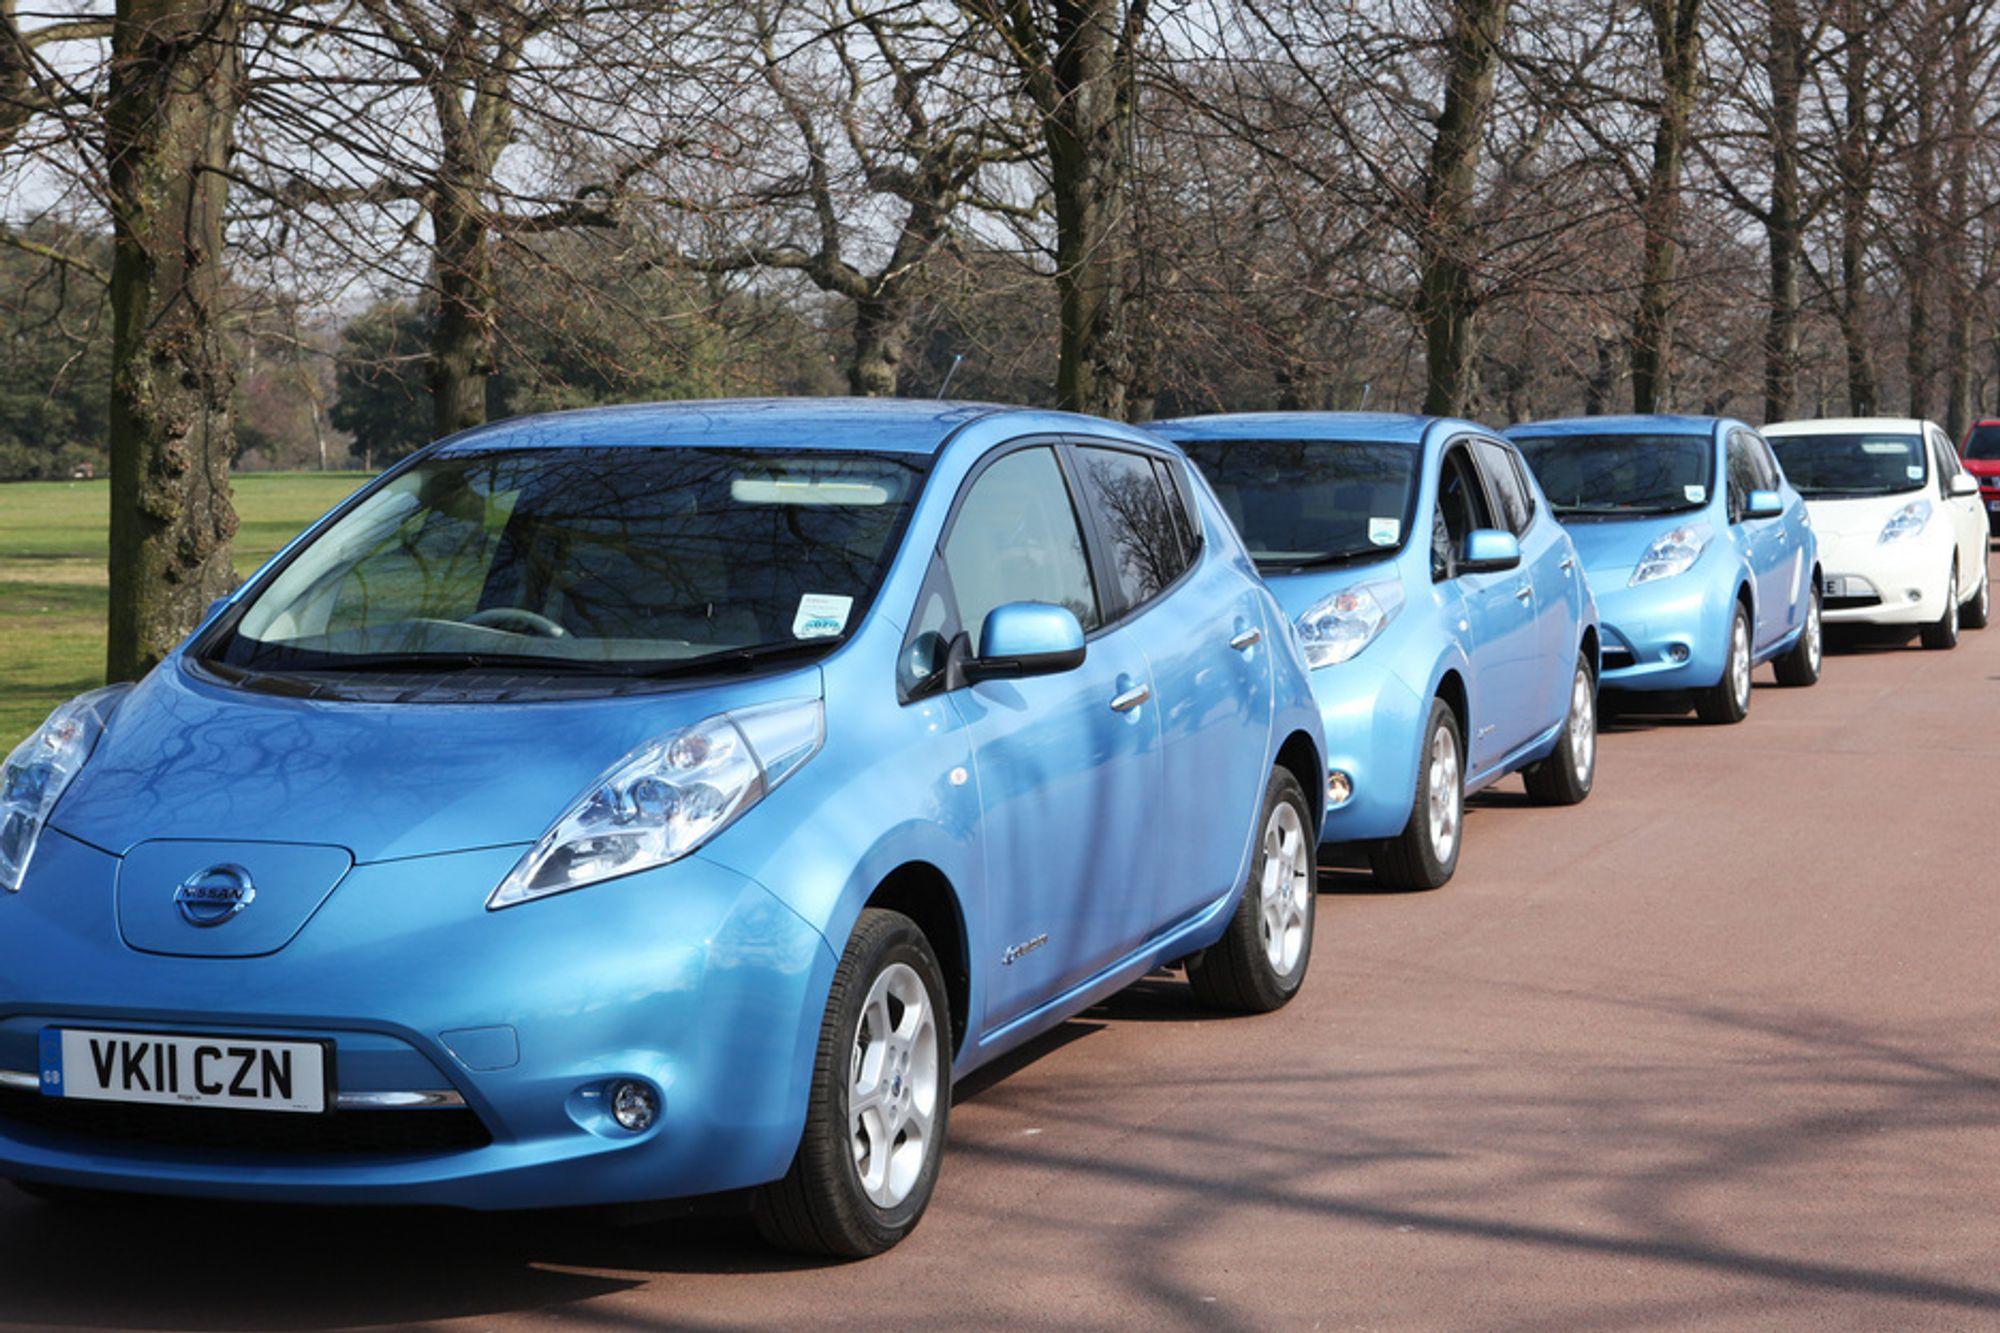 TILPASSER SEG: Elbil-eiere bruker bilen like mye, men annerledes enn vanlige bileiere, viser foreløpige resultater fra ny elbil-studie.